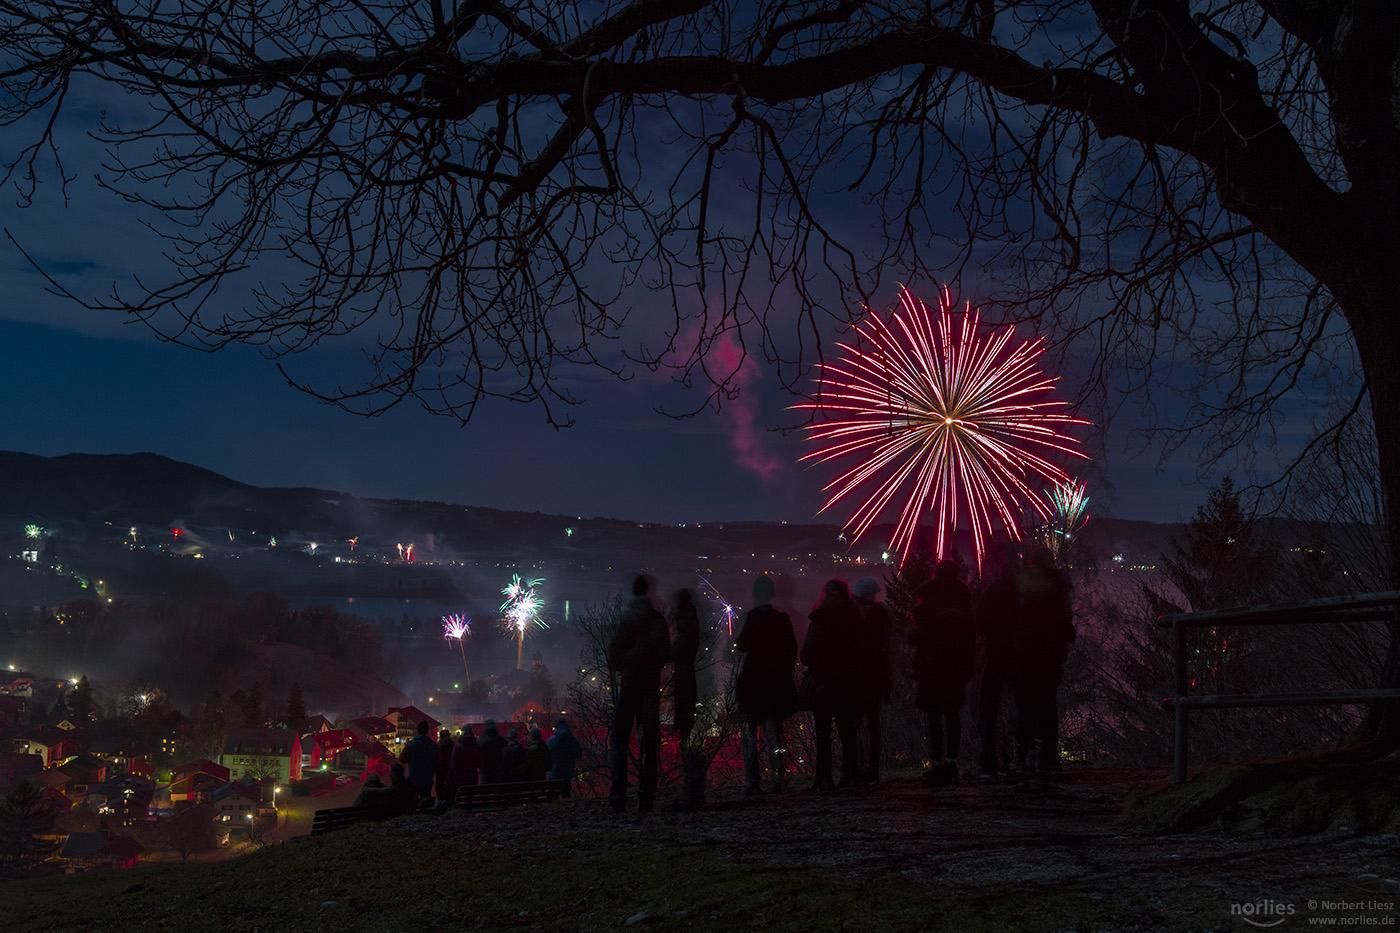 Frohes Neues Jahr 2018 Foto & Bild | karten und kalender ...